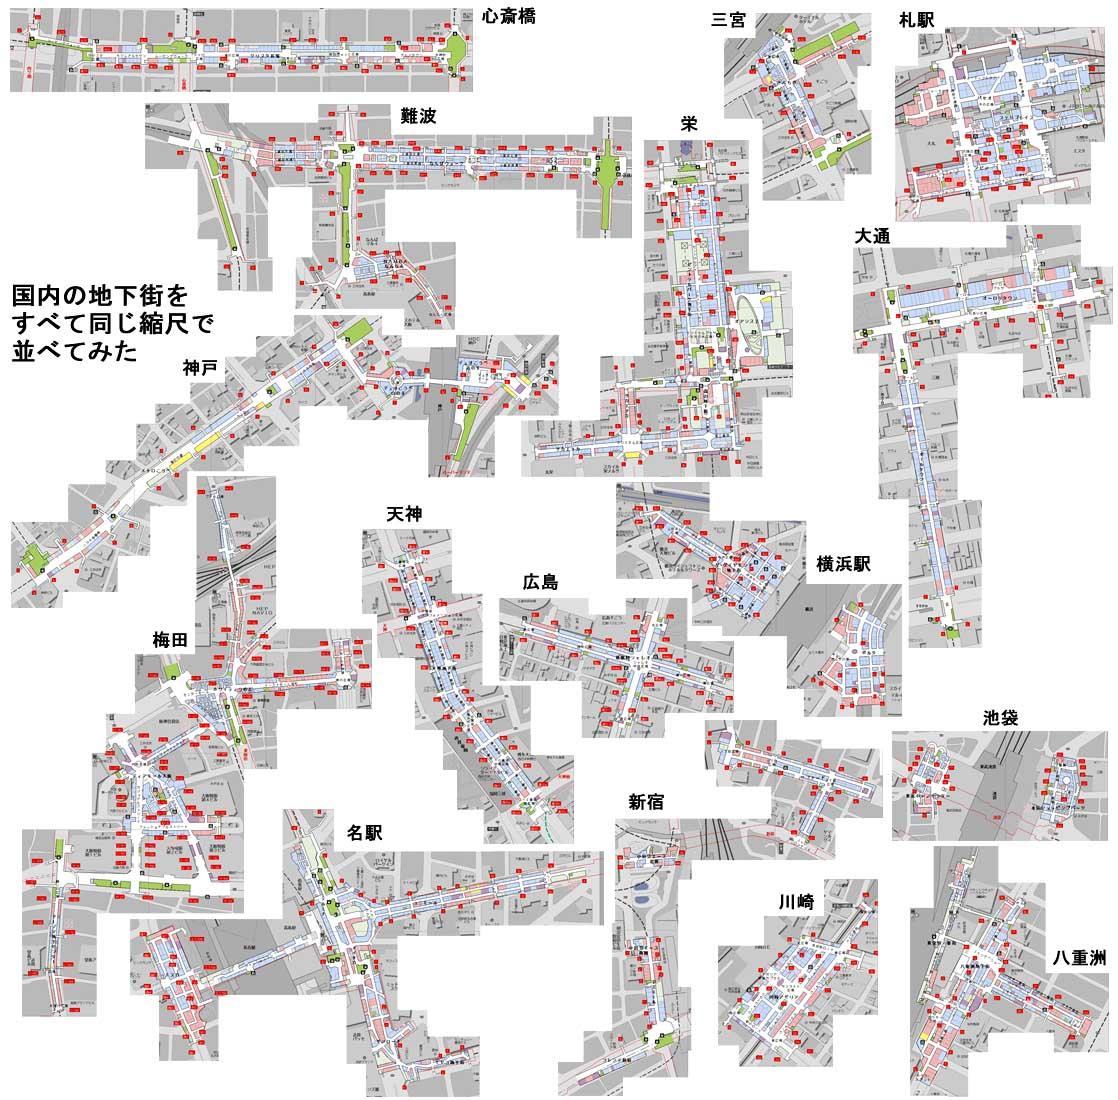 主要政令指定都市のなかで最も田舎っぽい都市 [転載禁止]©2ch.netYouTube動画>45本 ->画像>170枚